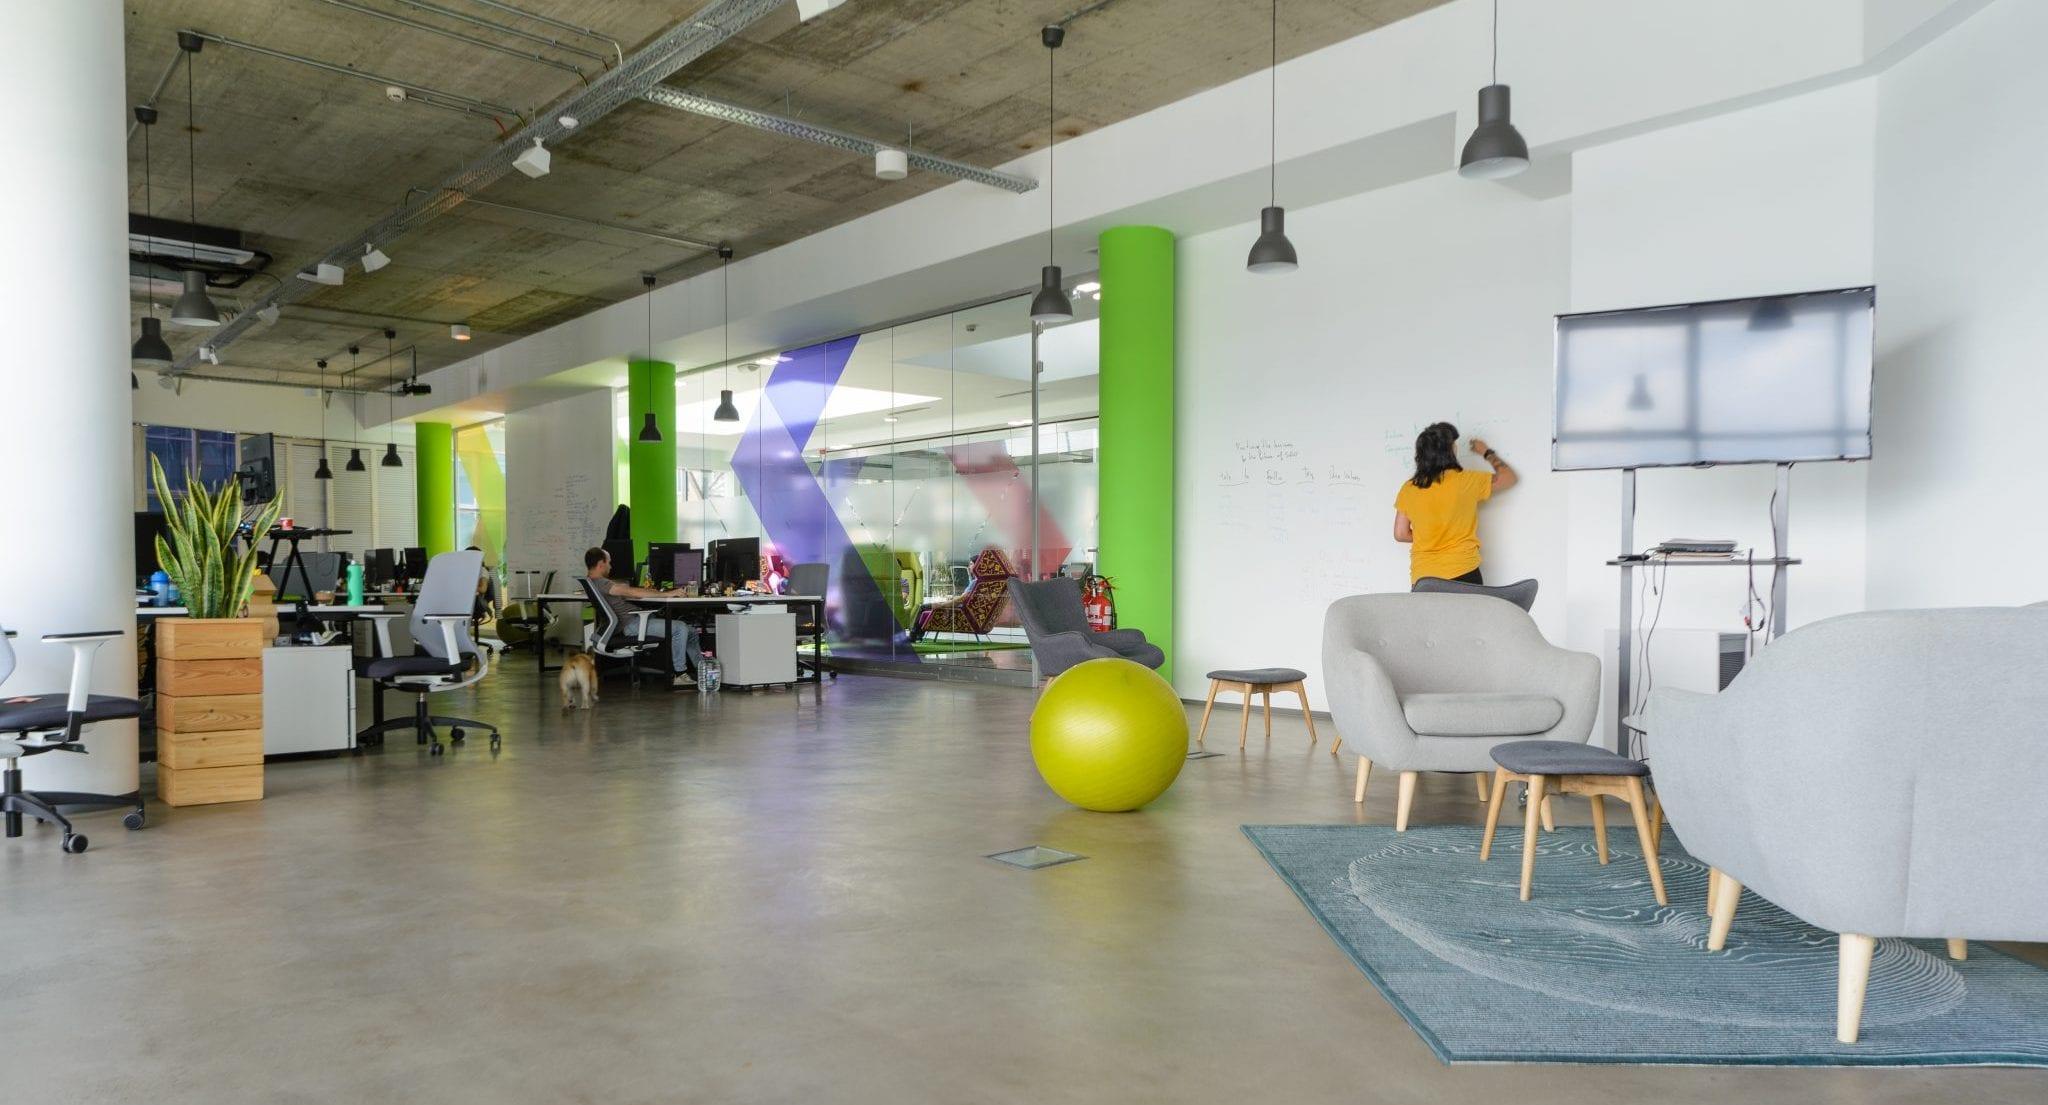 coworking meeting rooms